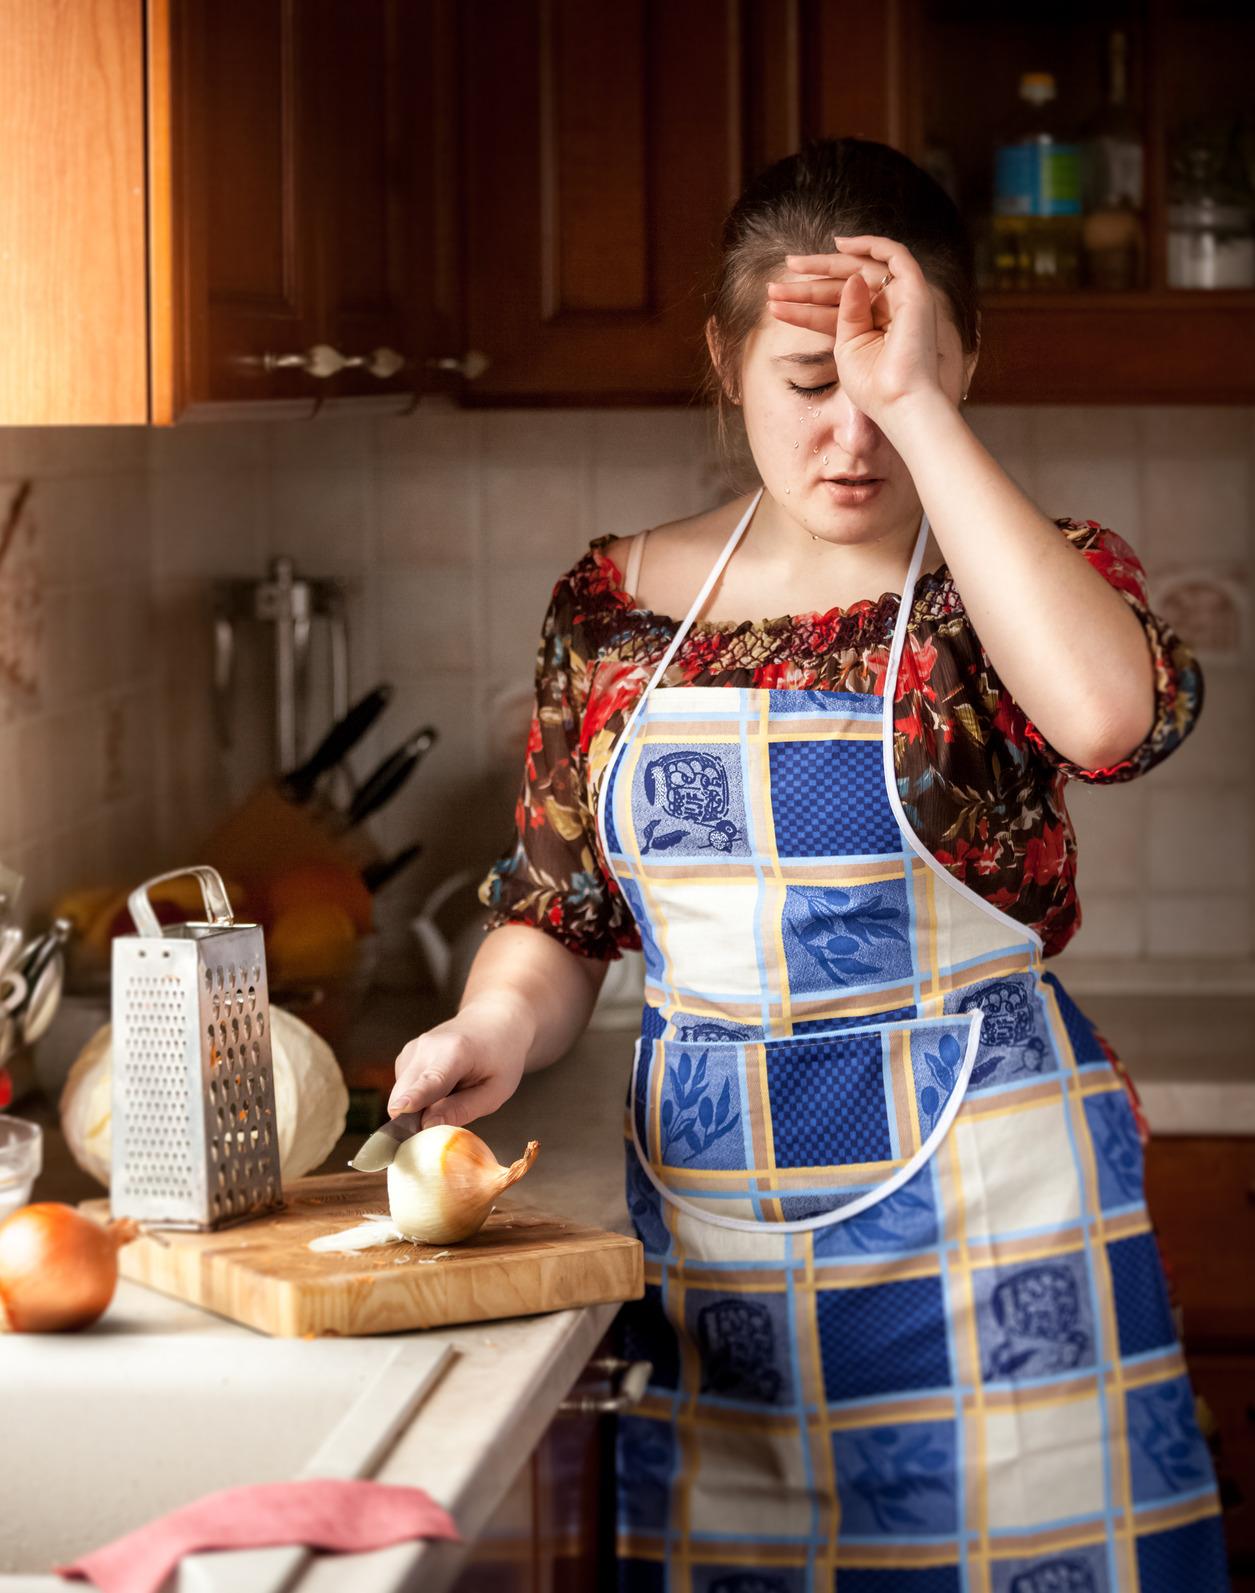 سبب البكاء عند تقطيع البصل